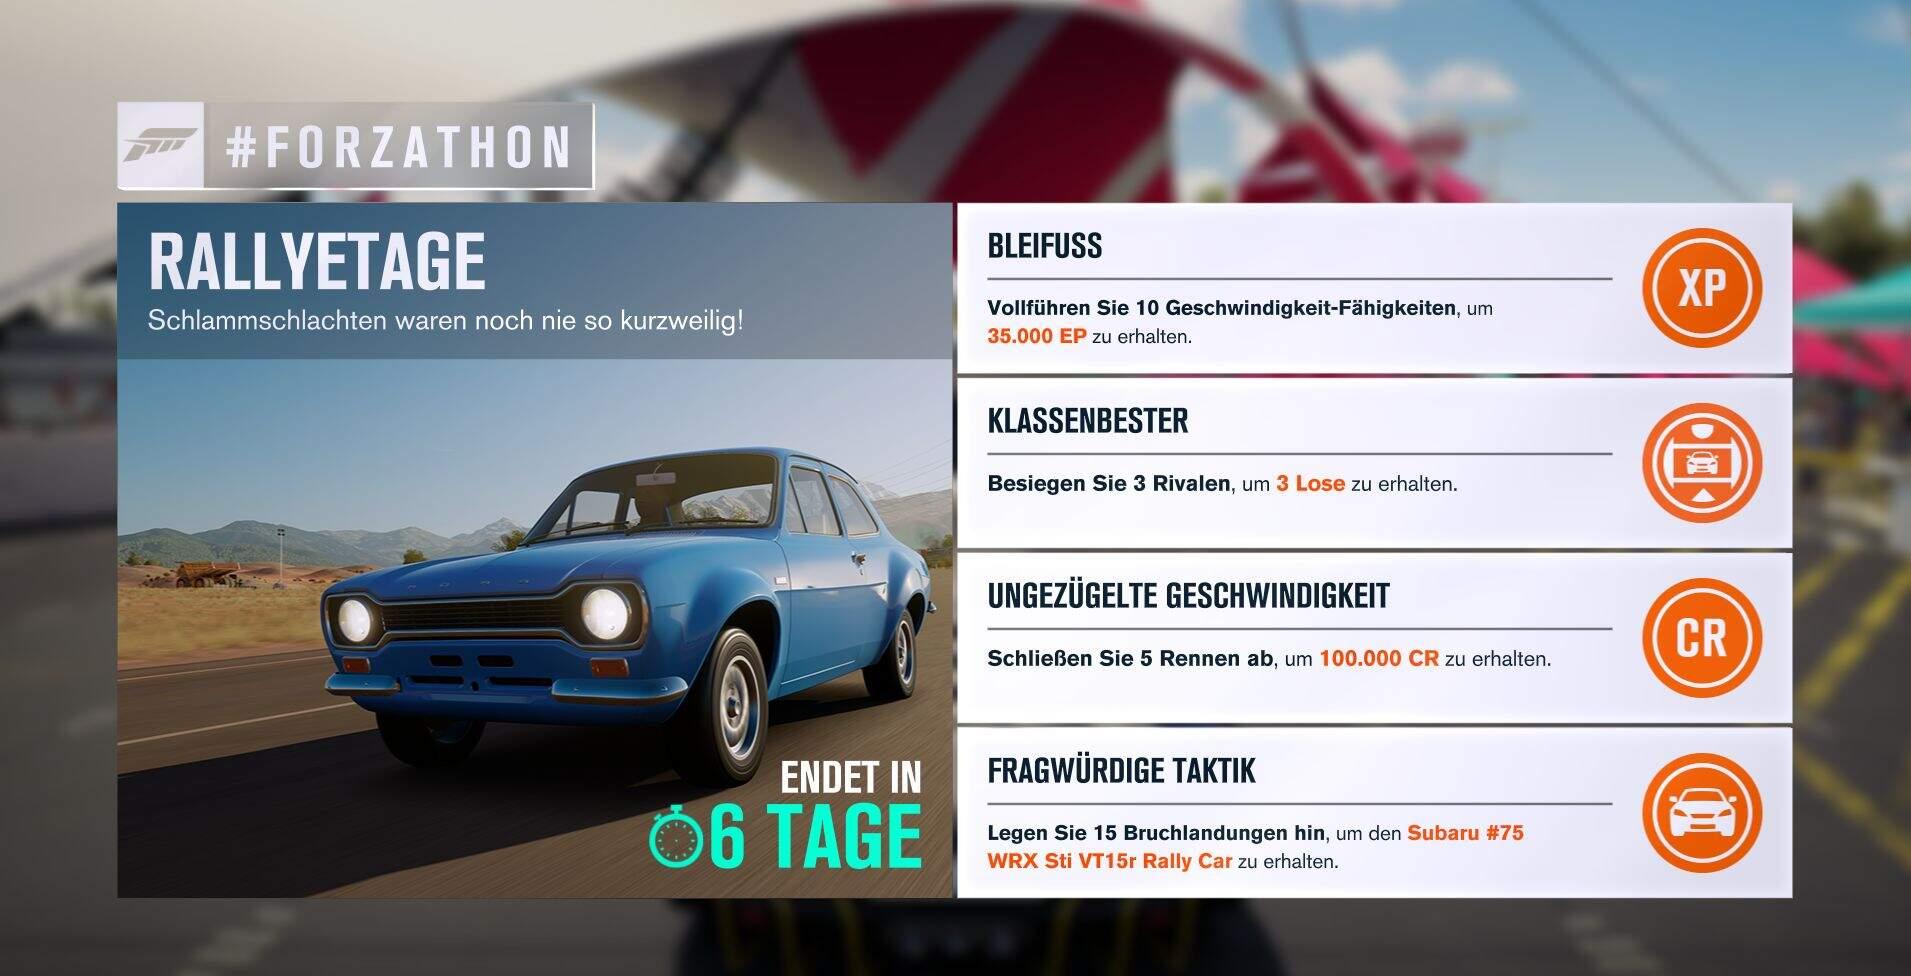 Forza Horizon 3 #Forzathon Guide KW 41 – Rallyetage